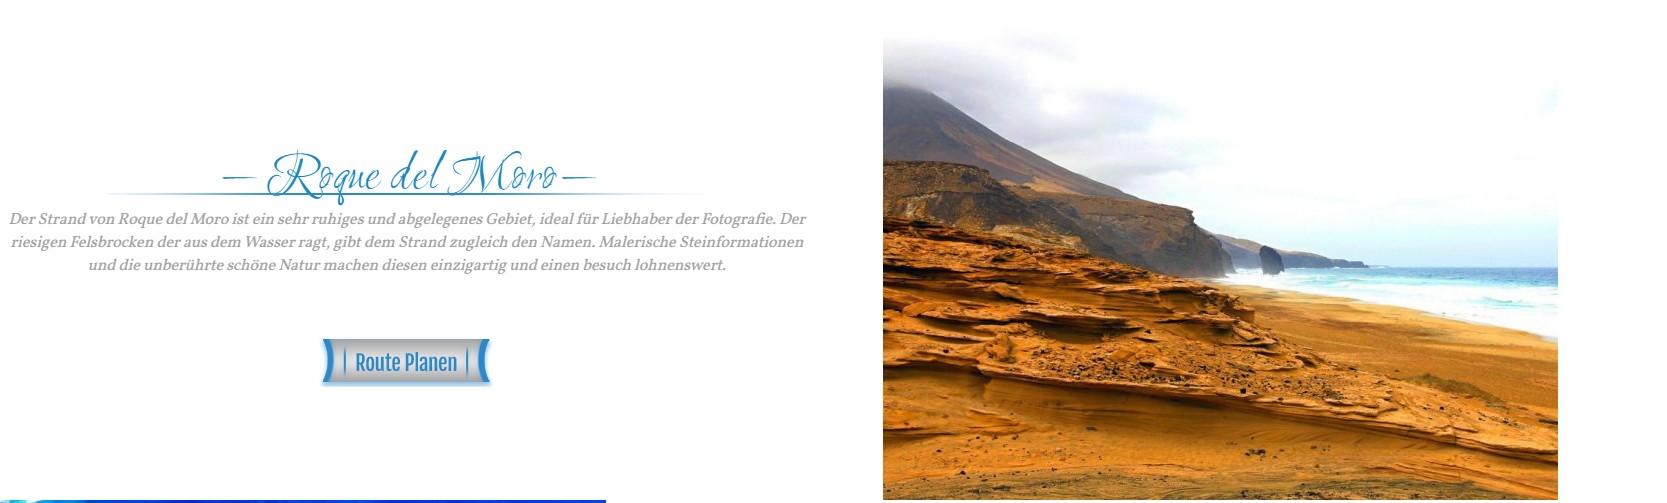 Mitte Fuerteventuras